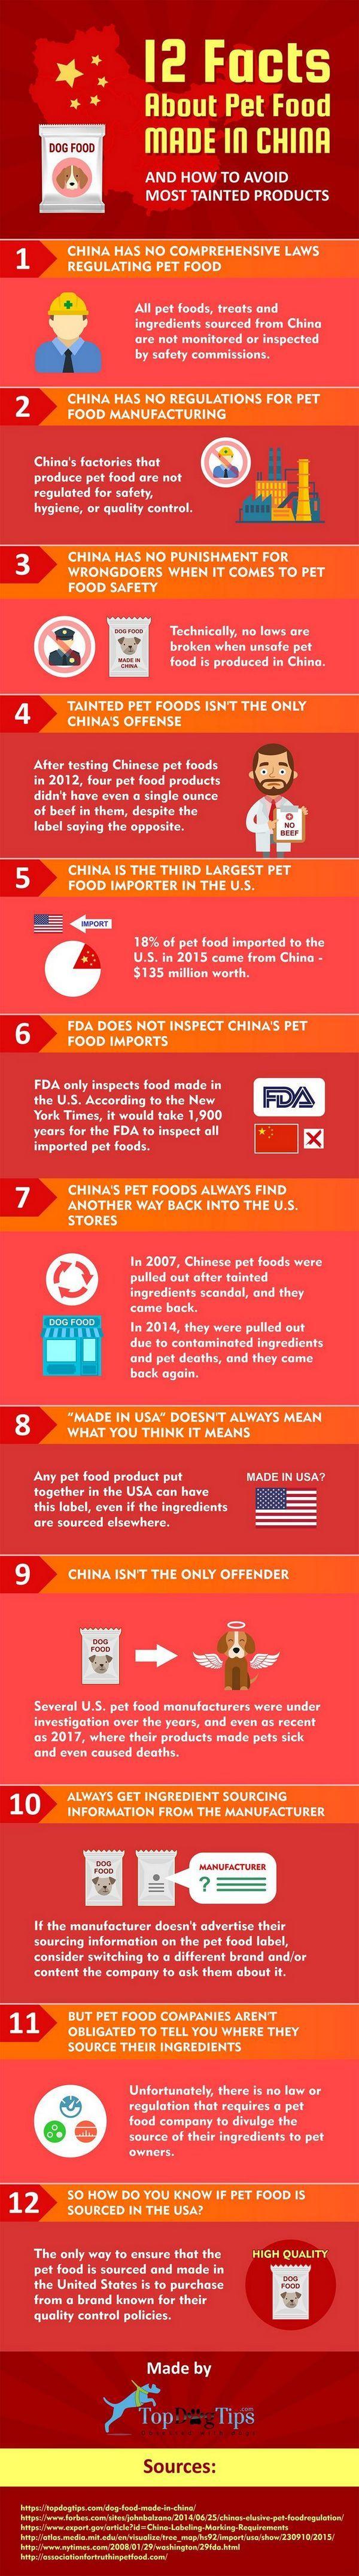 12 Faits sur les aliments pour chiens fabriqués en Chine [infographie]